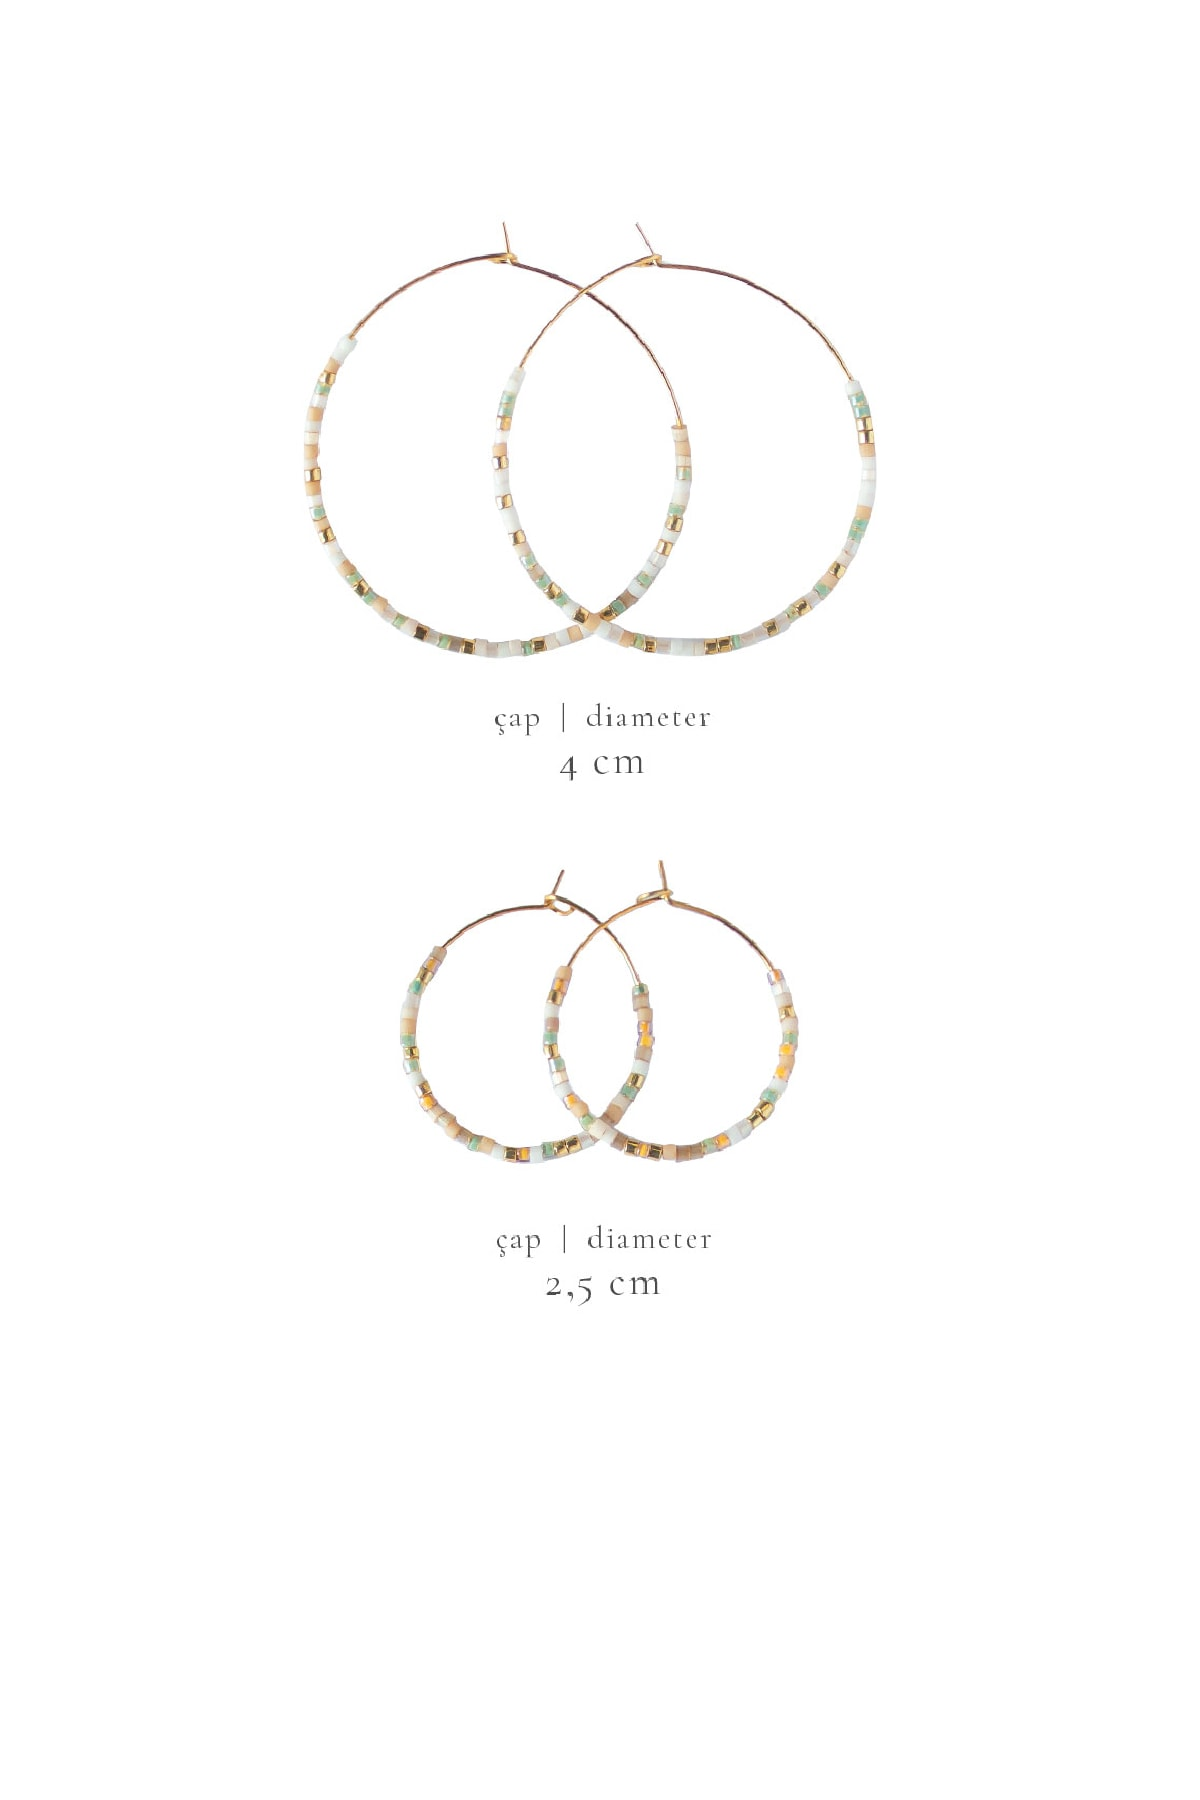 Gui Jewellery Noah Bej Halka Küpe (küçük) Gümüş Üzeri Altın Kaplama 2